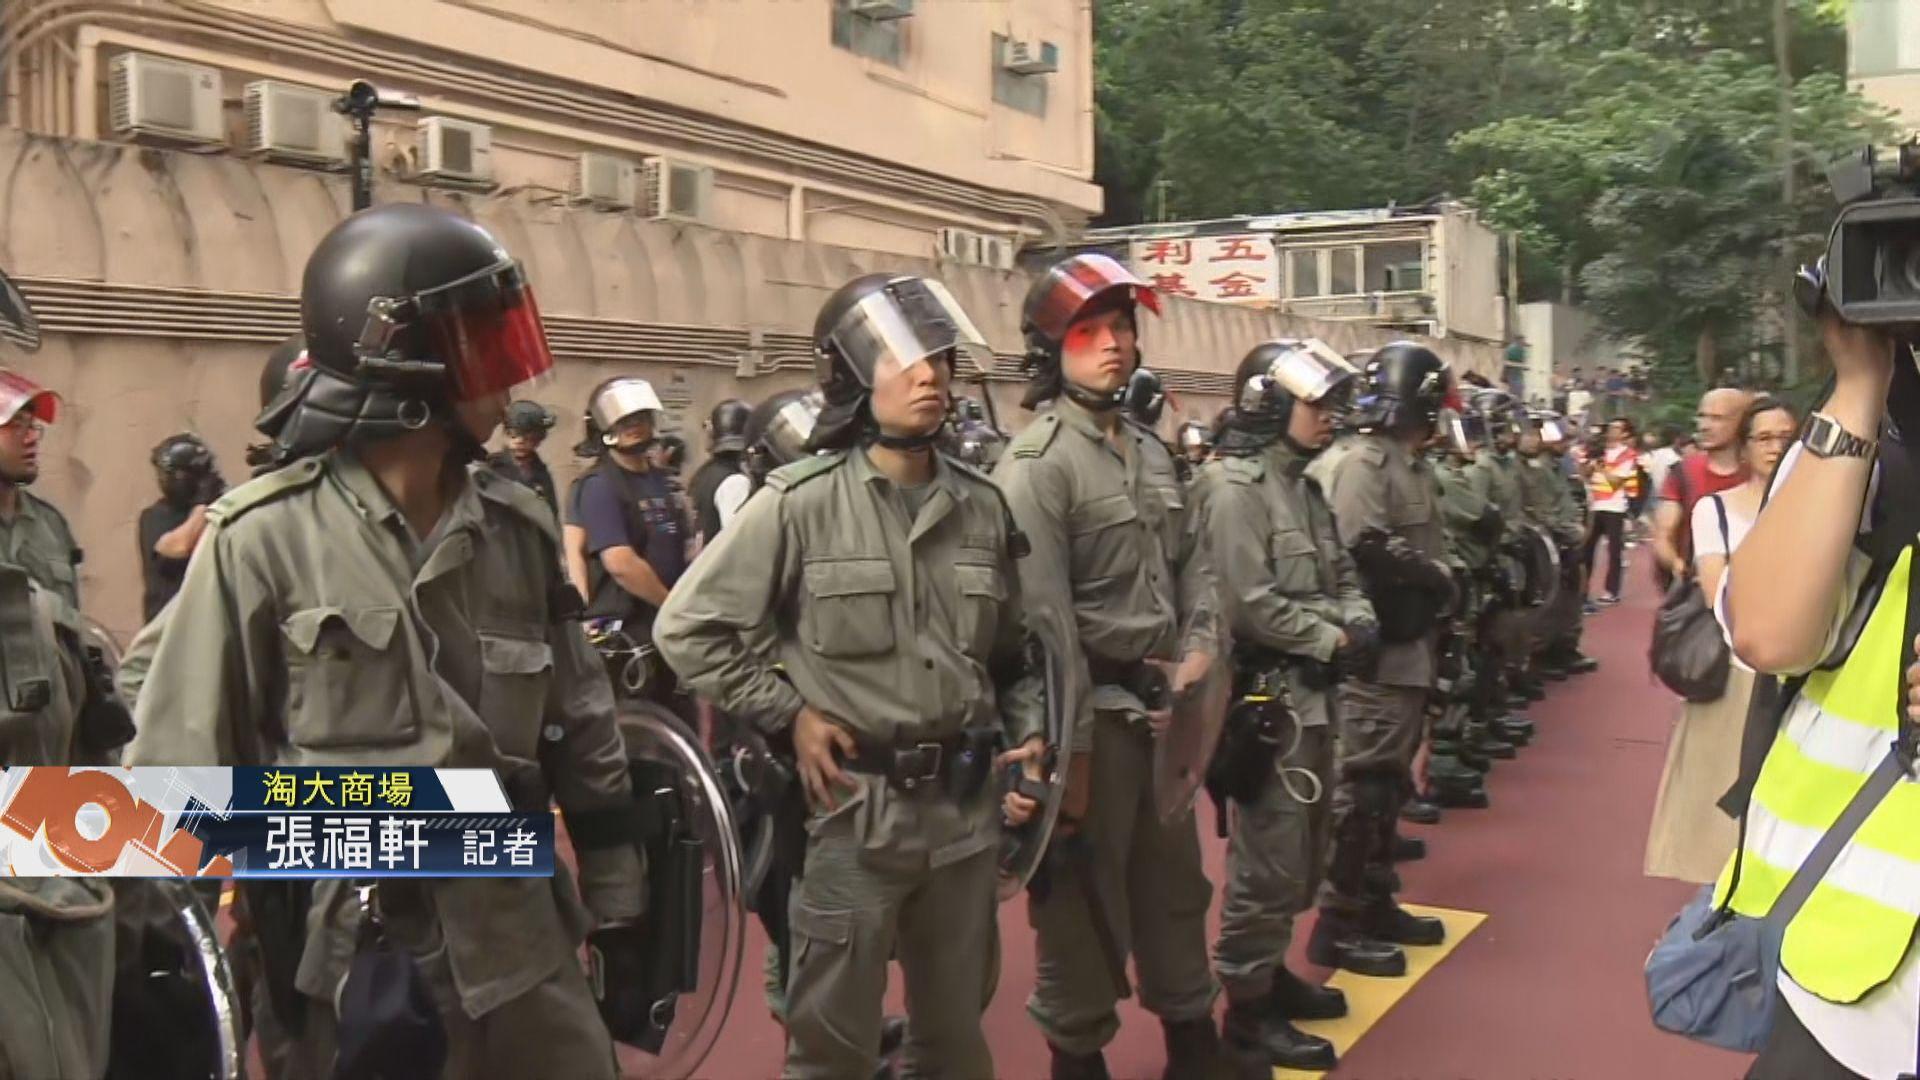 【現場報道‧淘大商場】市民及警員在商場外對峙